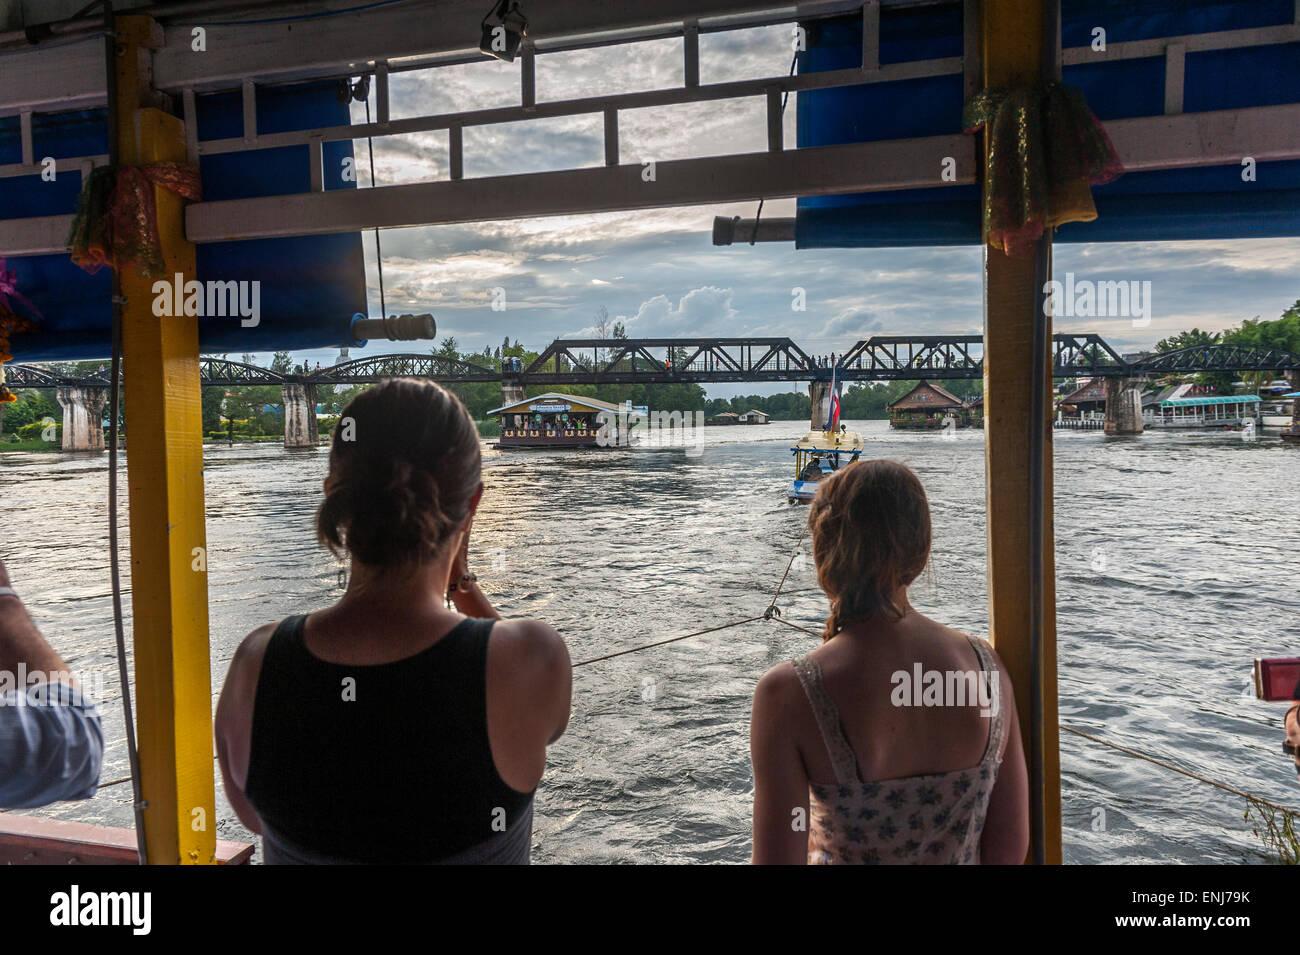 Les touristes sur un bateau flottant vers le pont sur la rivière Kwai. Kanchanaburi. Thaïlande Photo Stock